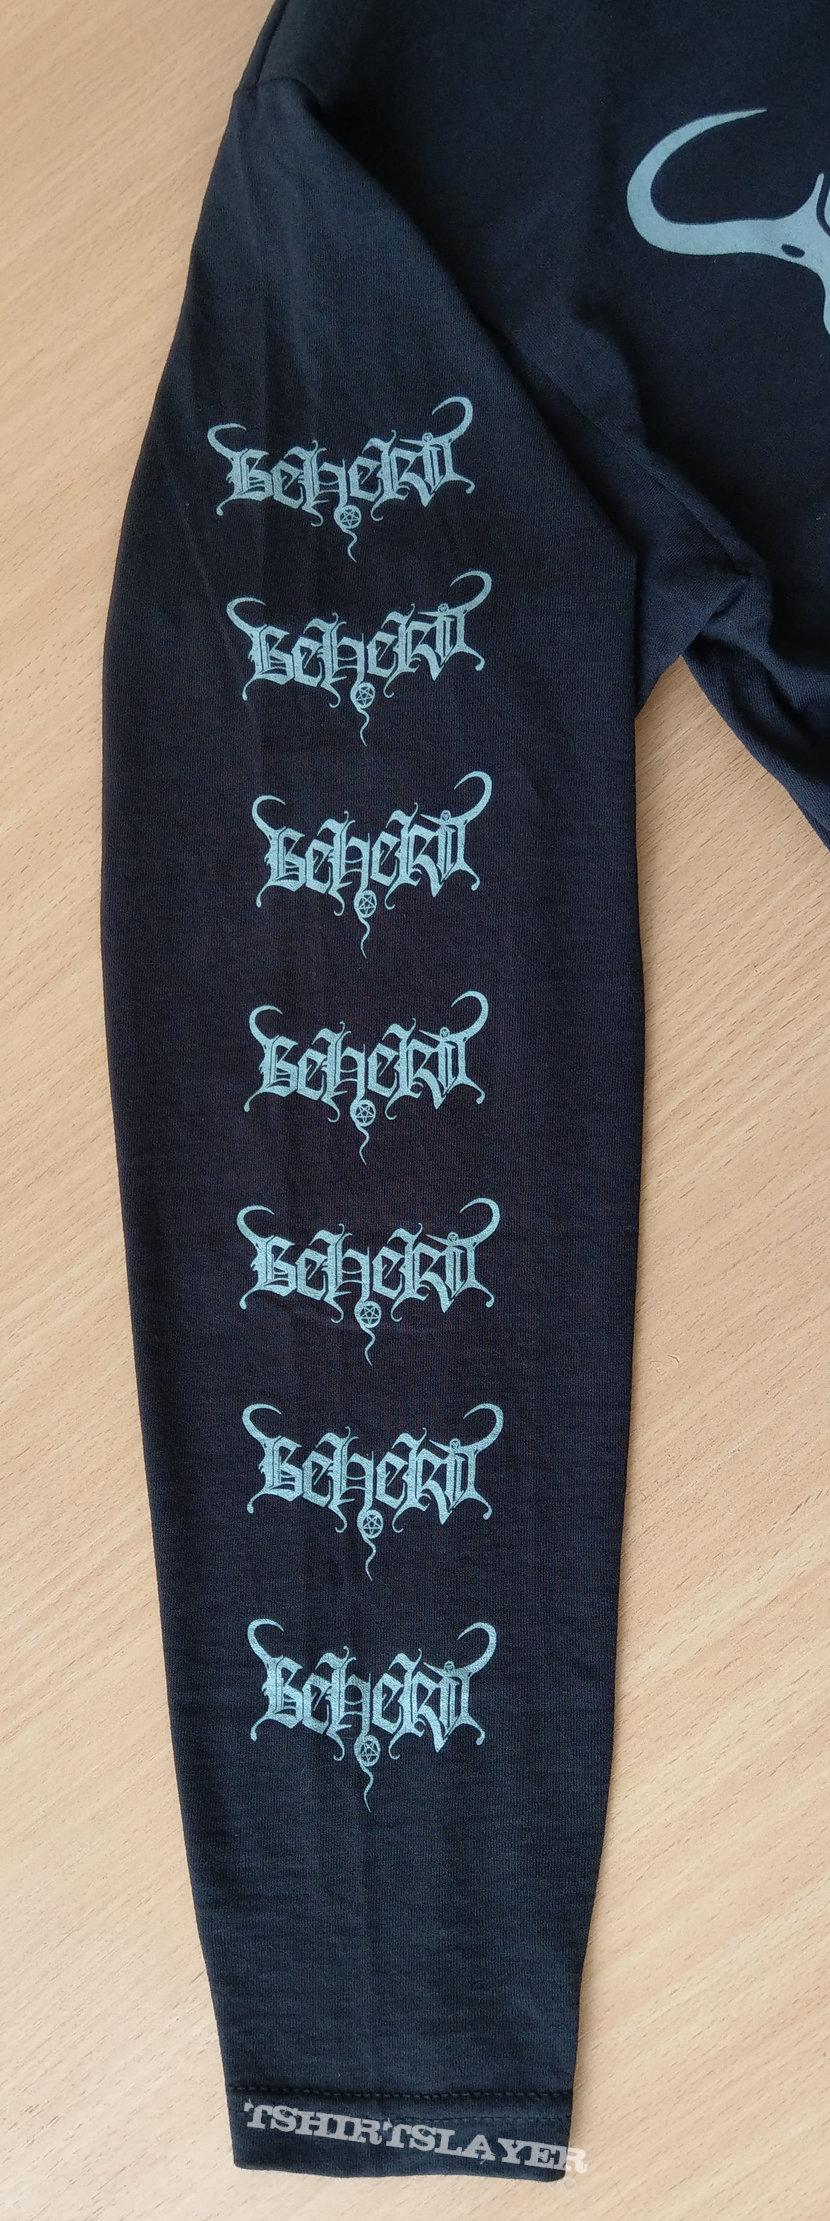 BEHERIT - H418ov21.C (Long Sleeve Shirt)